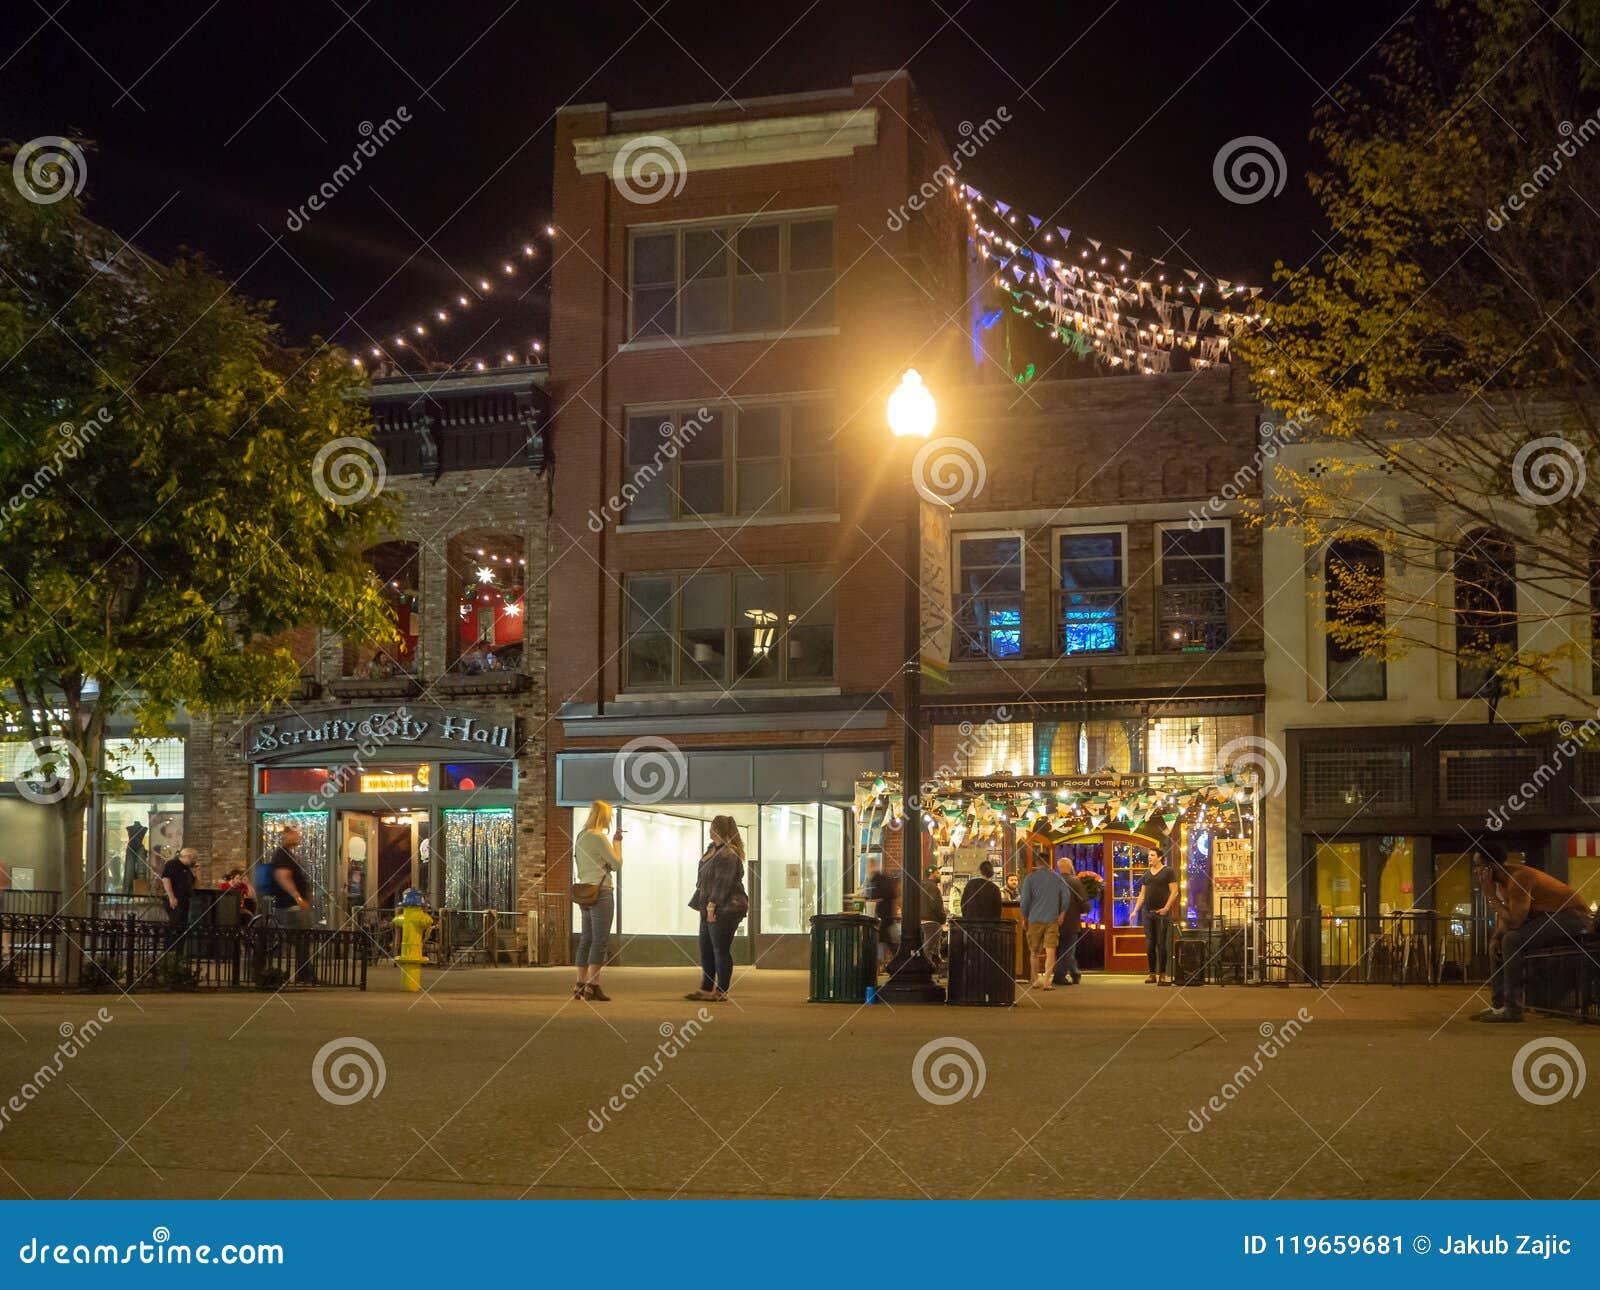 Marktplatz, Knoxville, Tennessee, die Vereinigten Staaten von Amerika: [Nachtleben in der Mitte von Knoxville]